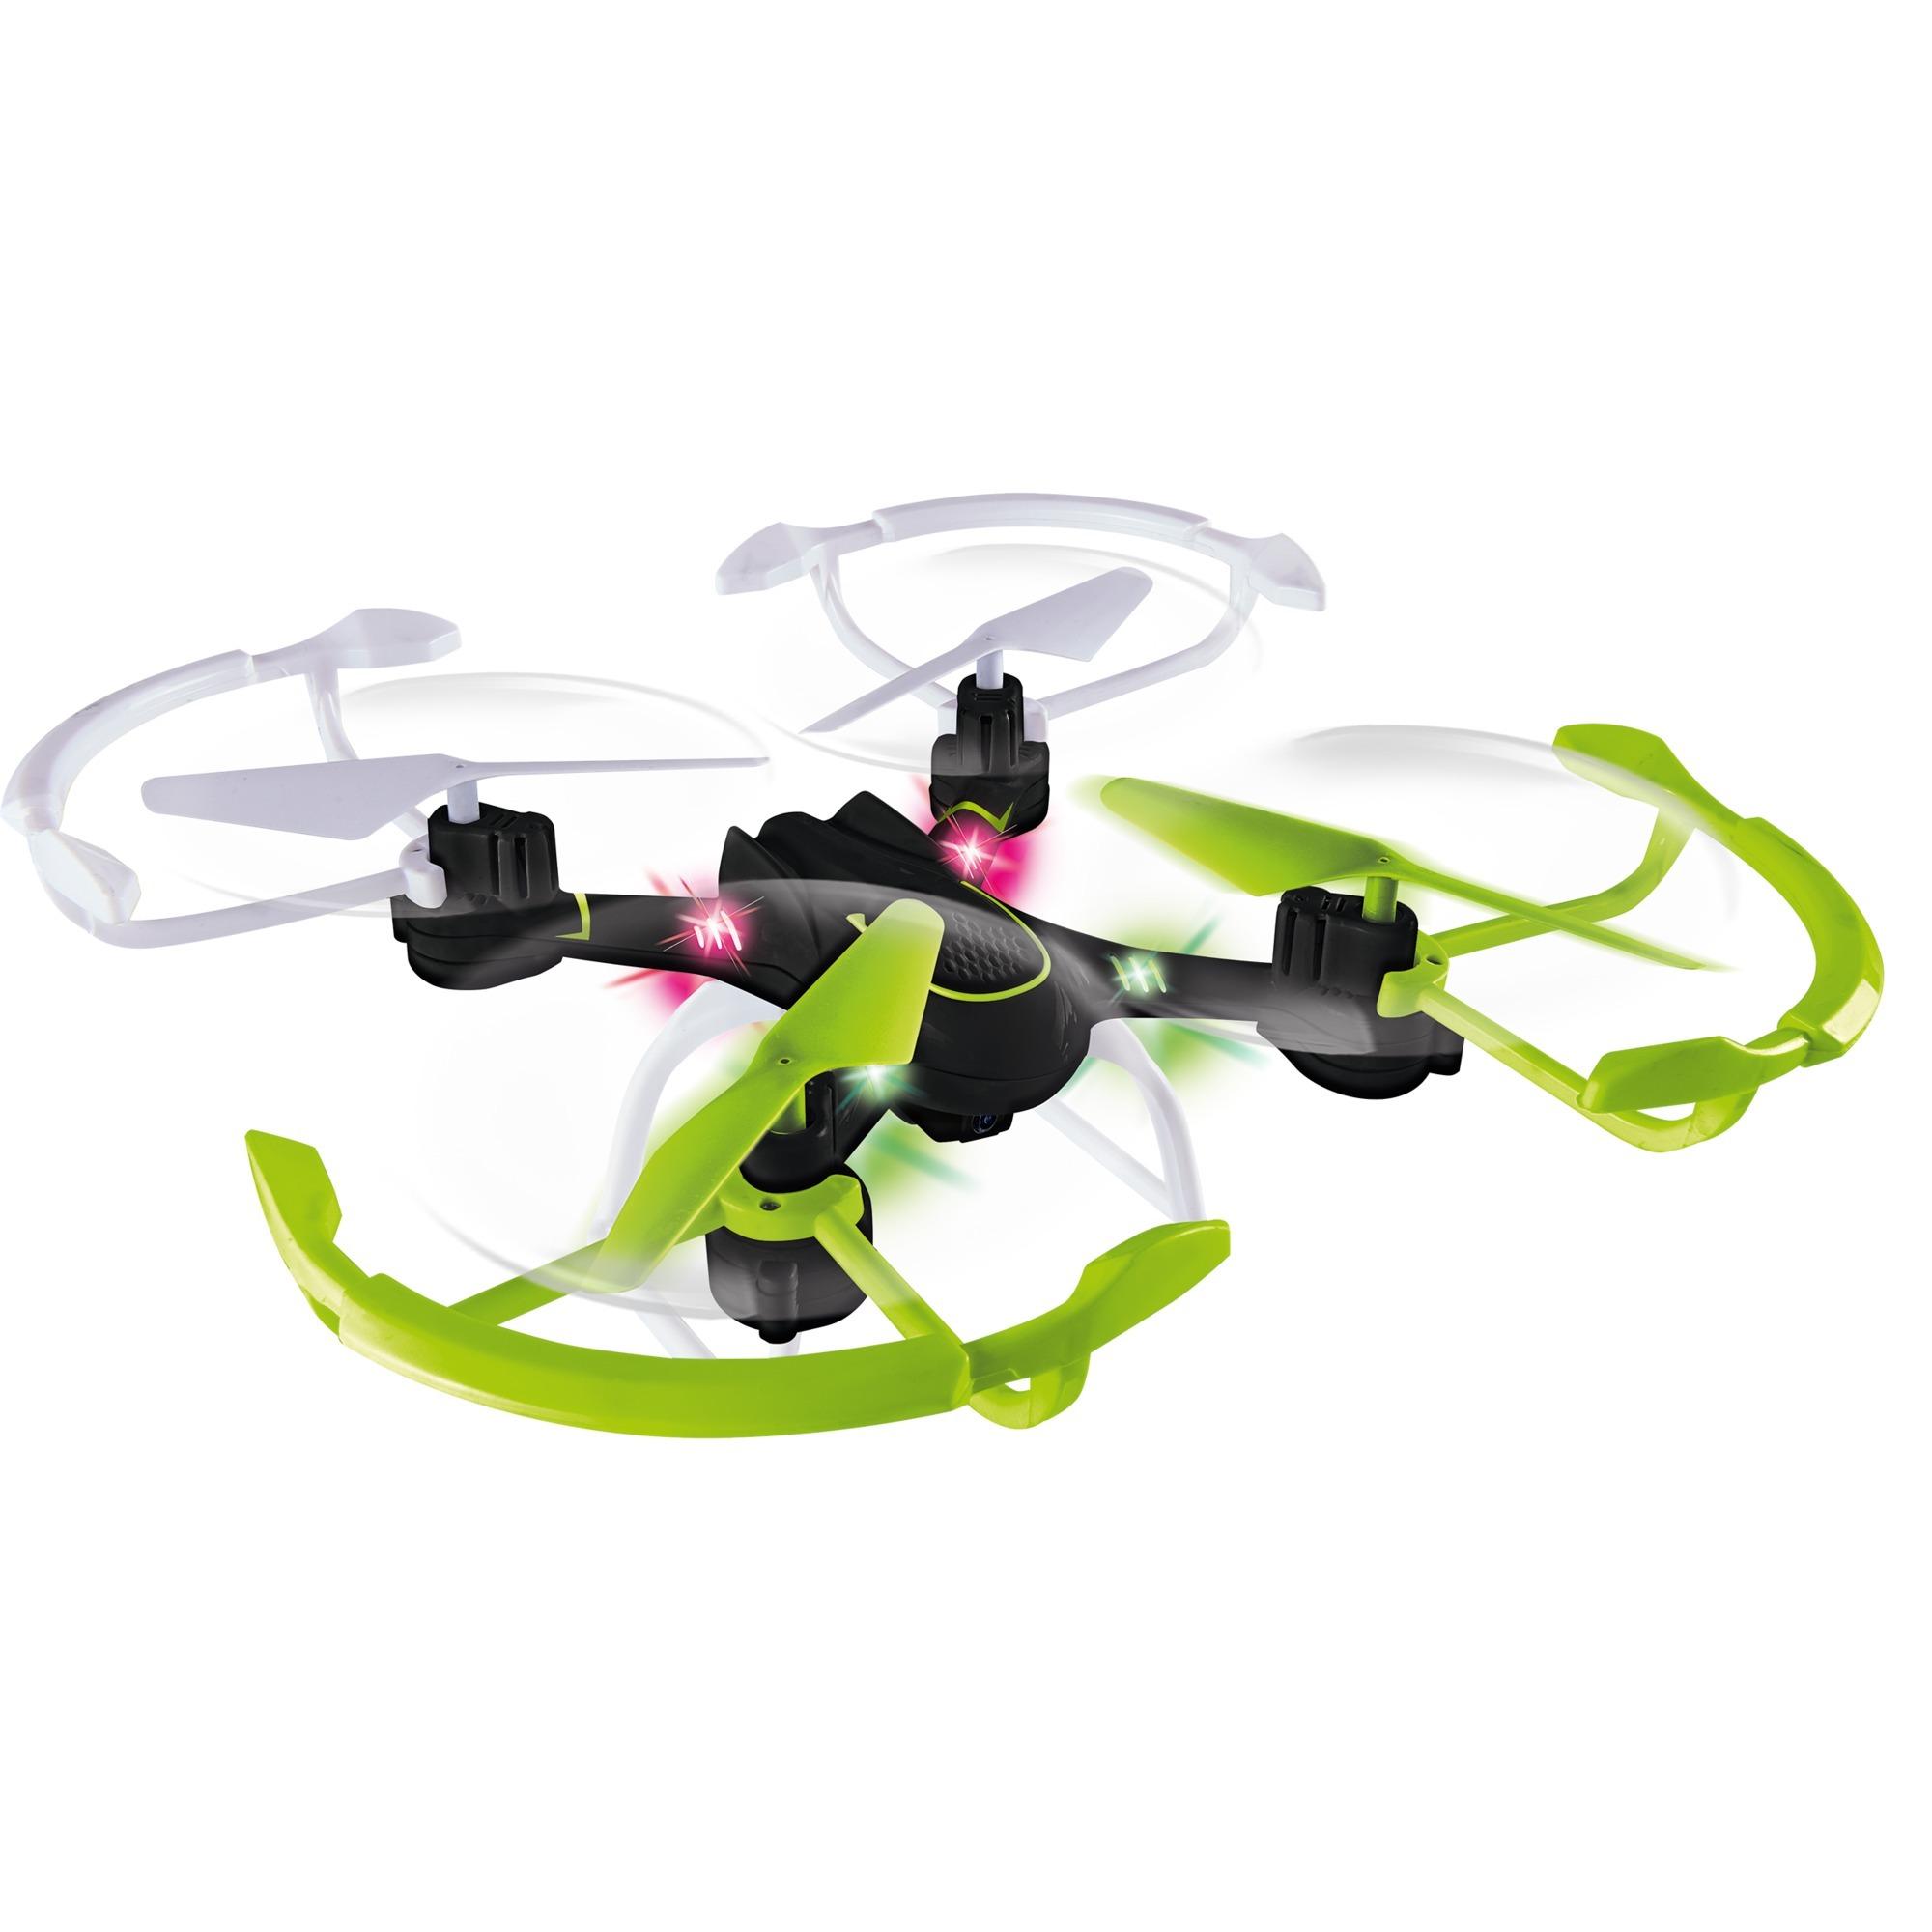 201119434, Drone